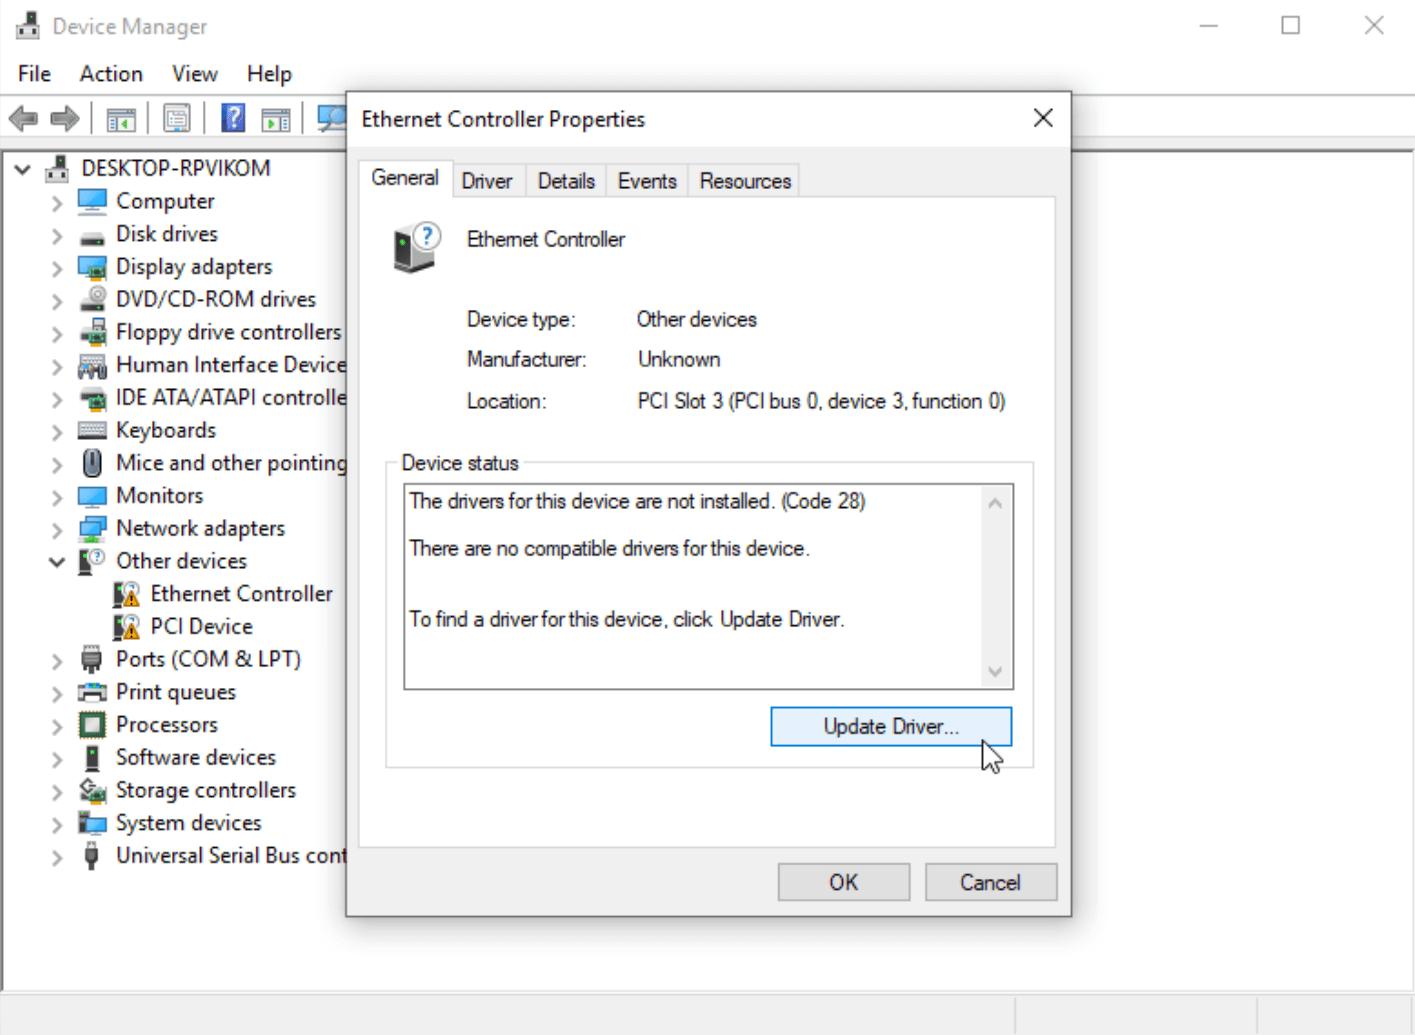 Обновление драйвера для Ethernet Controller в Windows 10